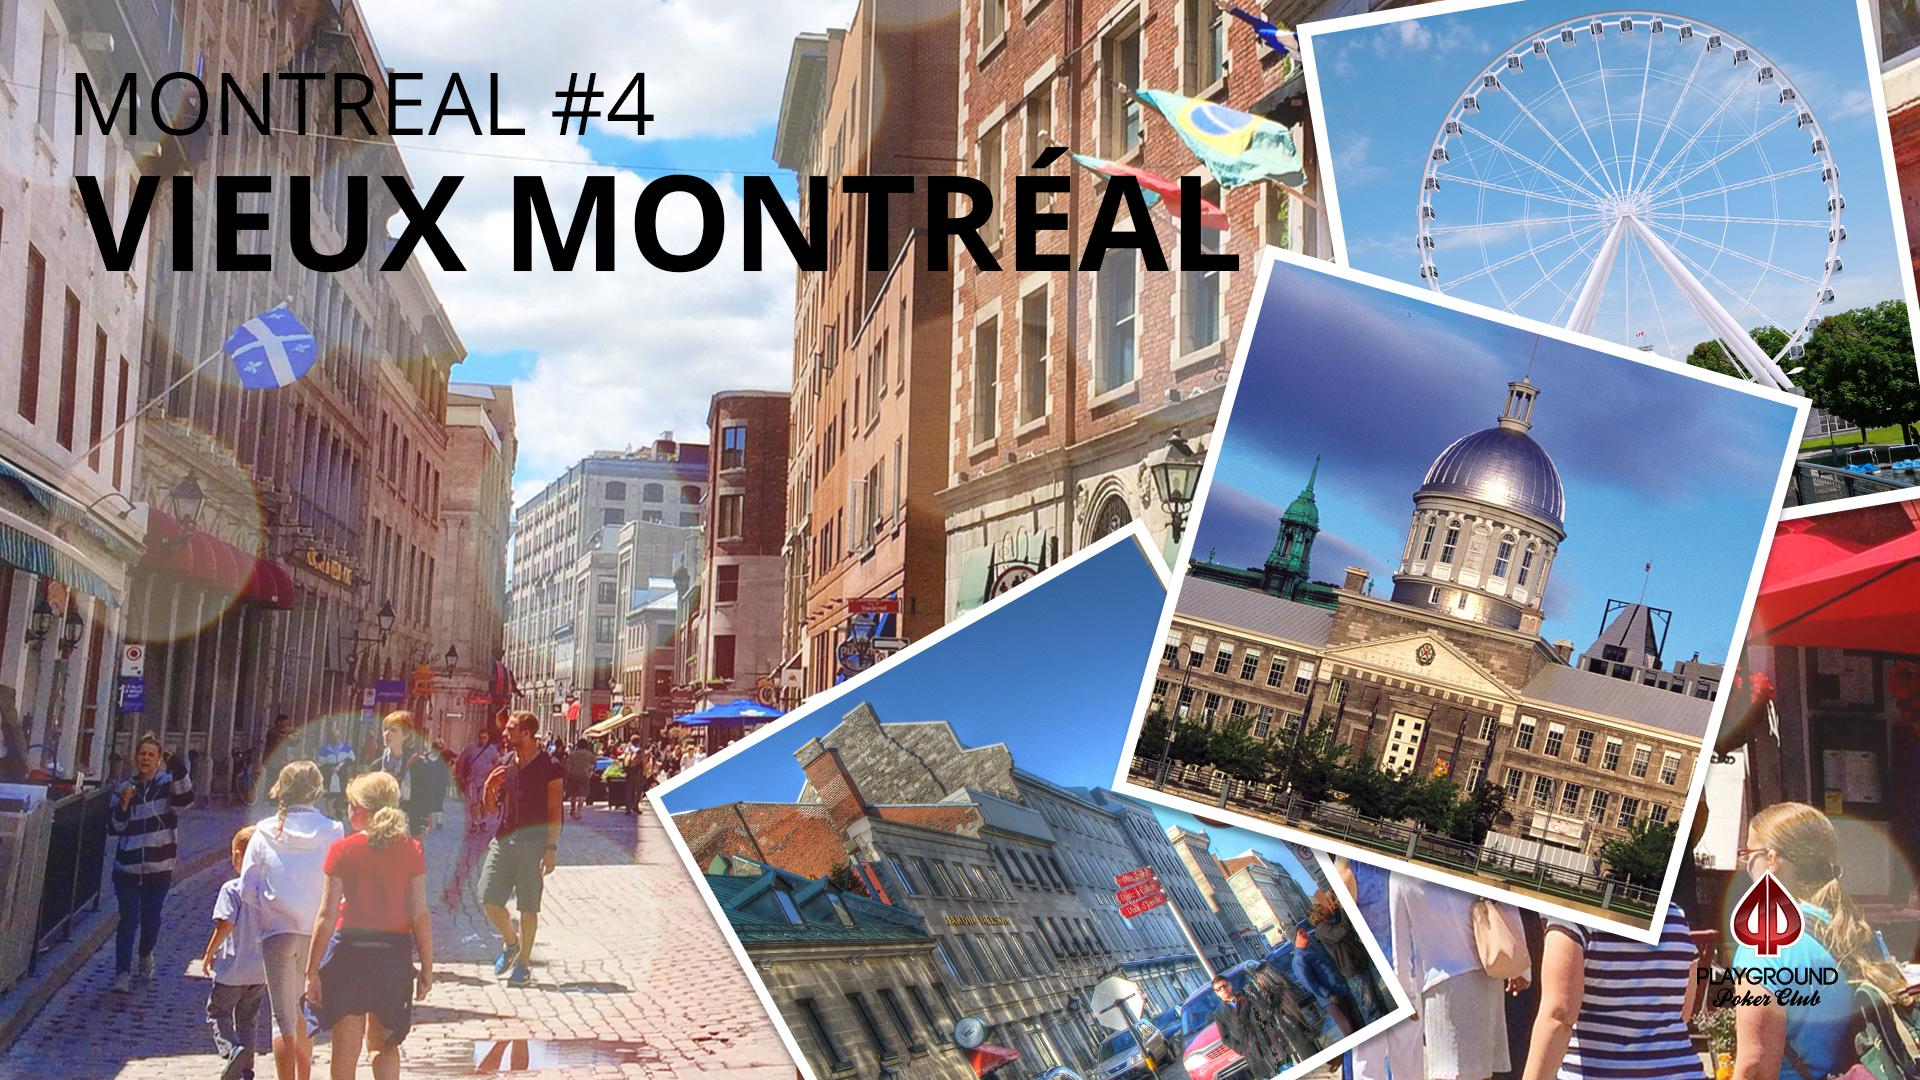 En 4e place sur notre Top 10: Le Vieux-Montréal